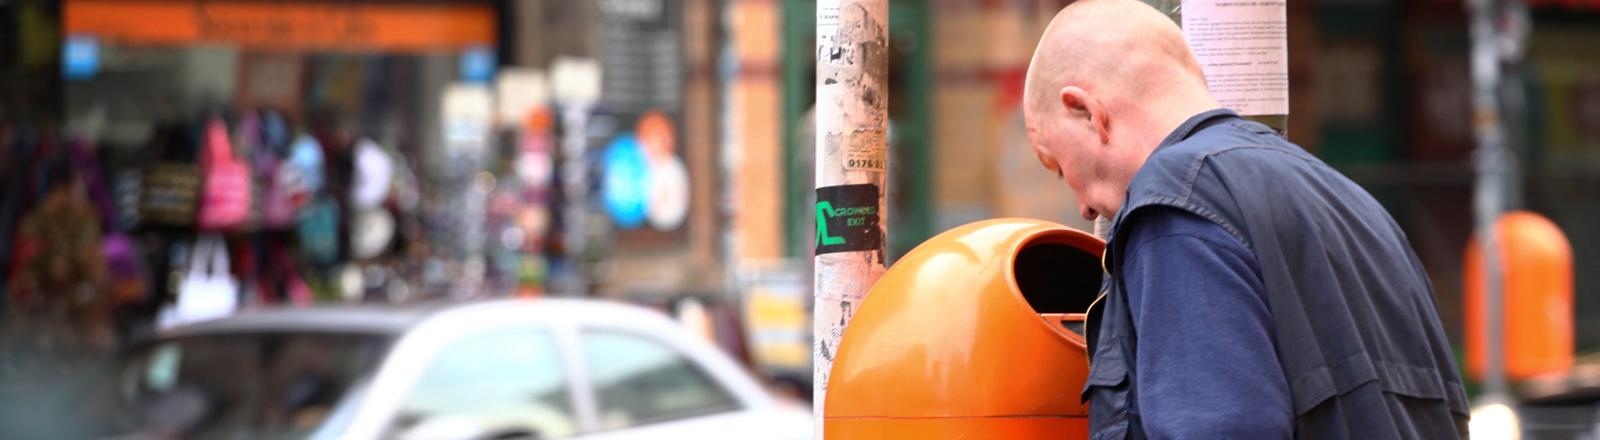 Ein Mann schaut in einen orangenen Mülleimer